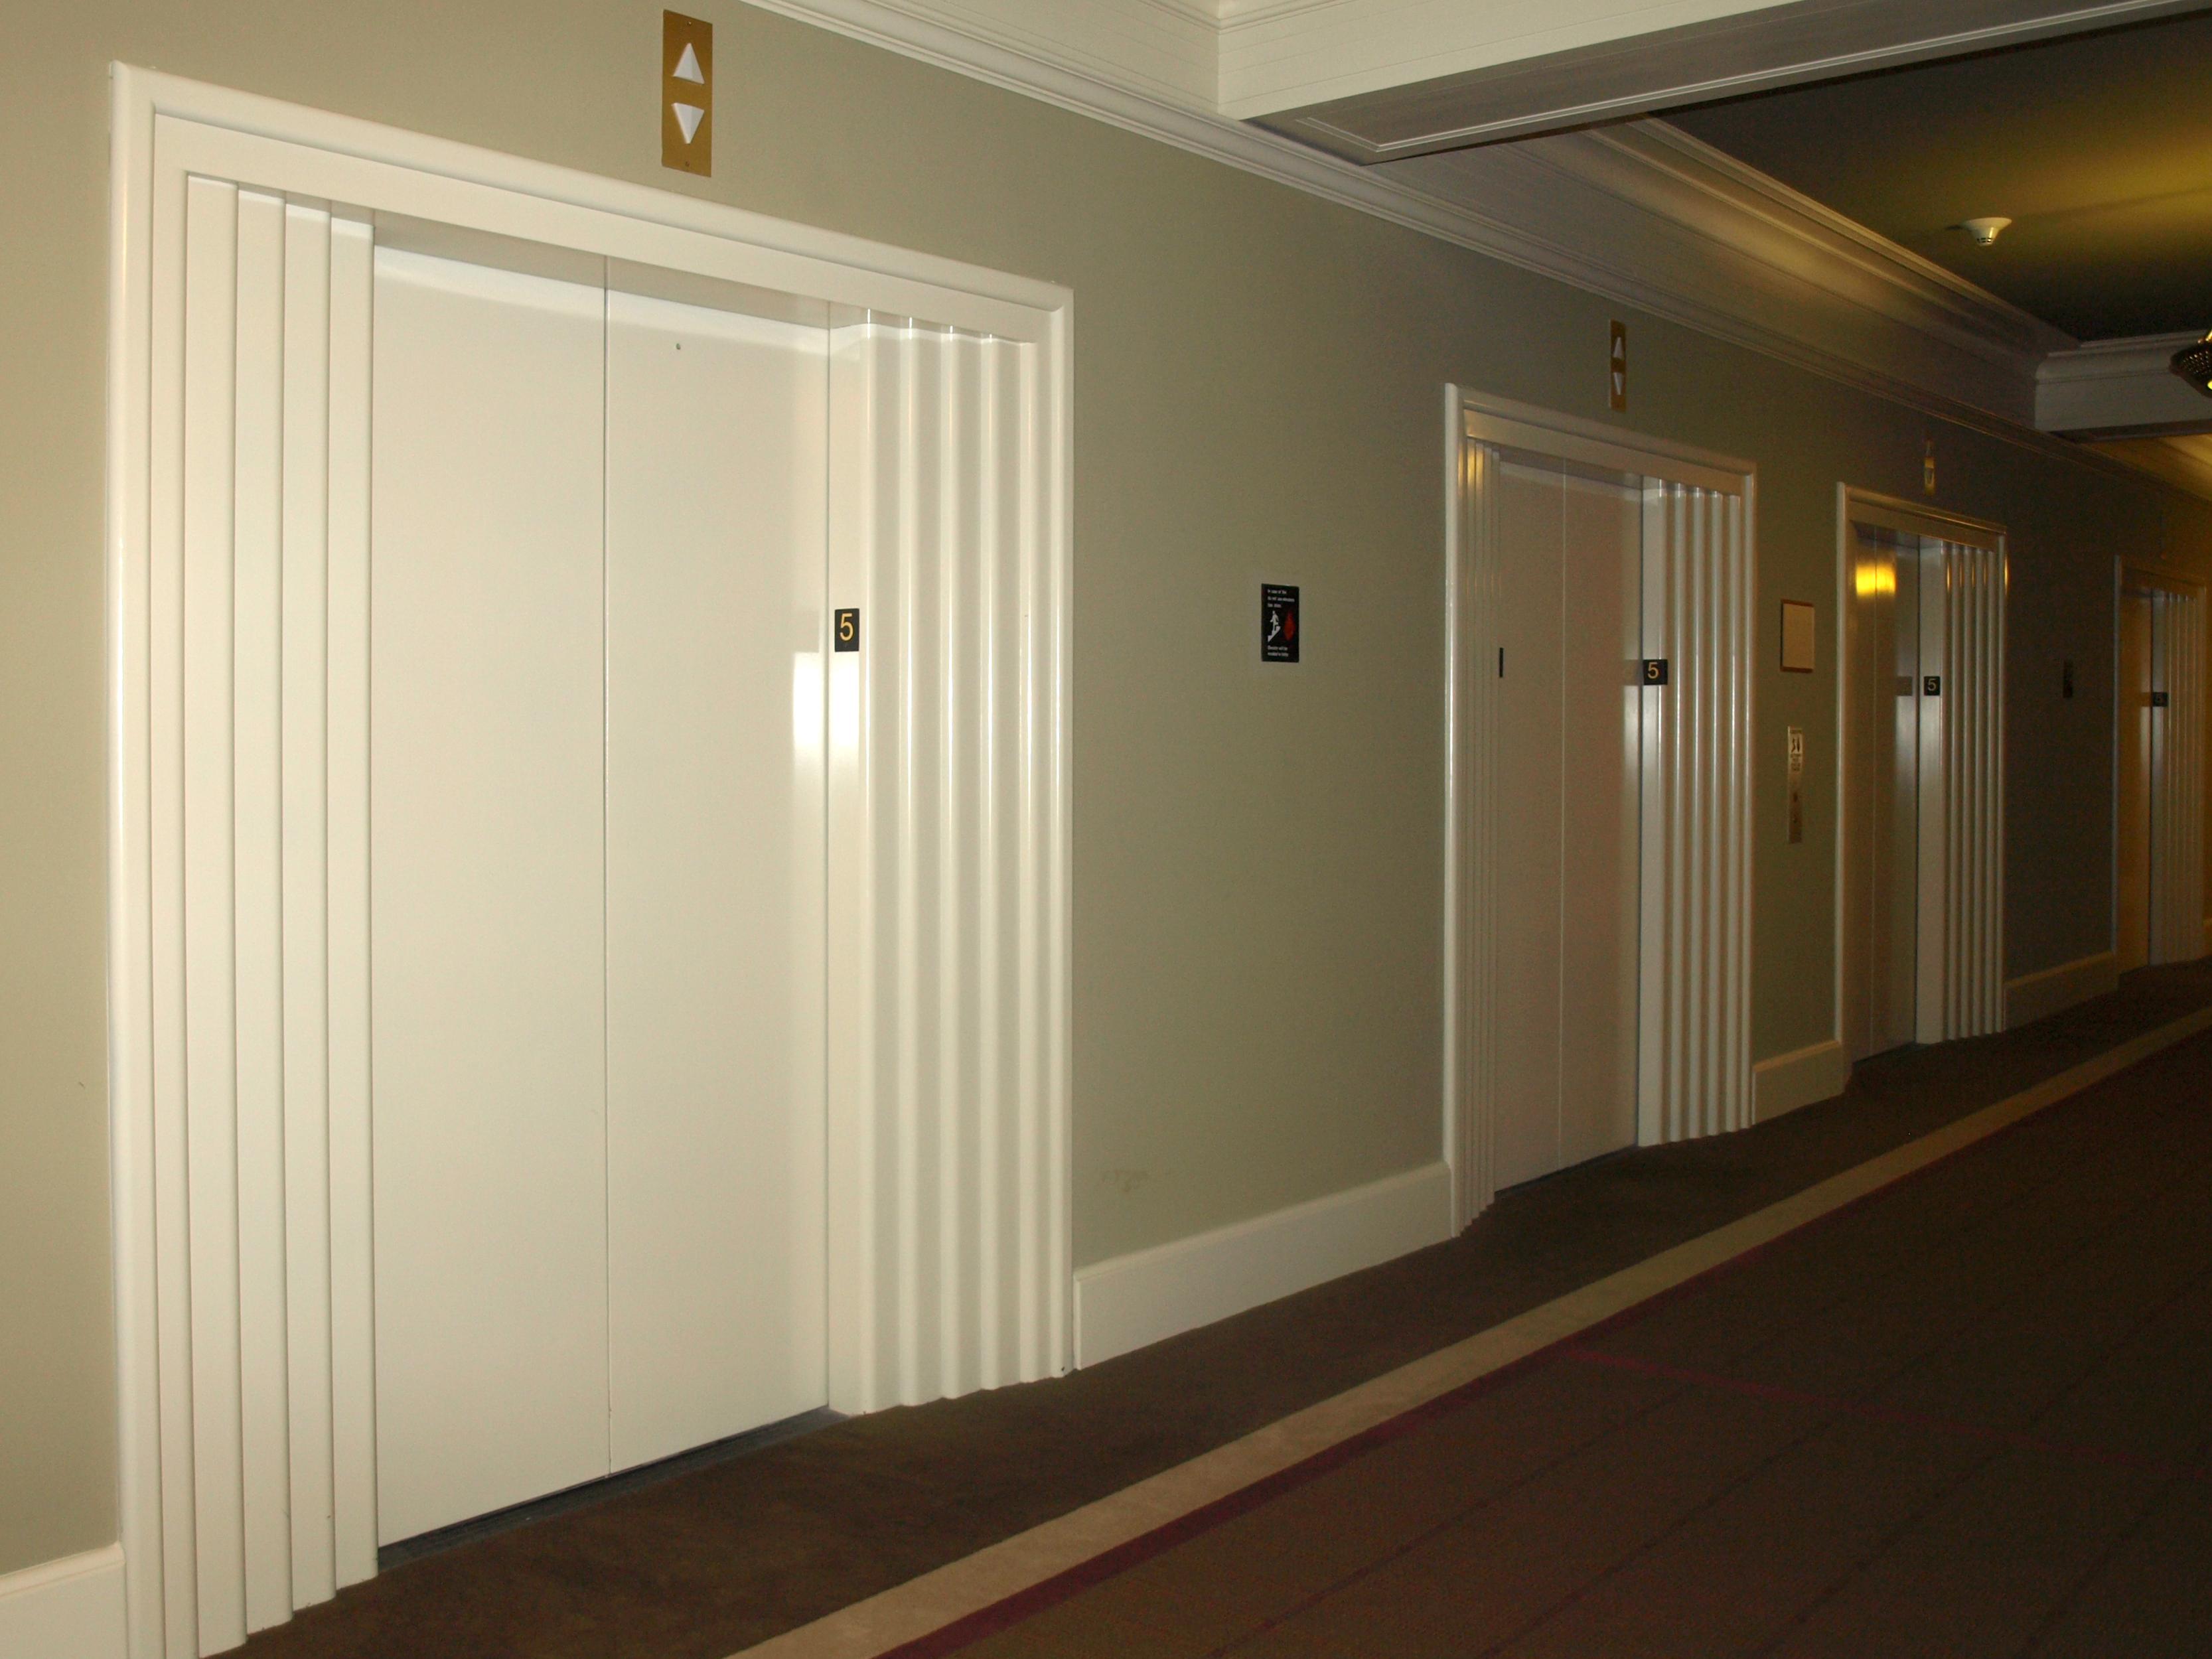 New Finishes Electrostatic Paint - Elevators